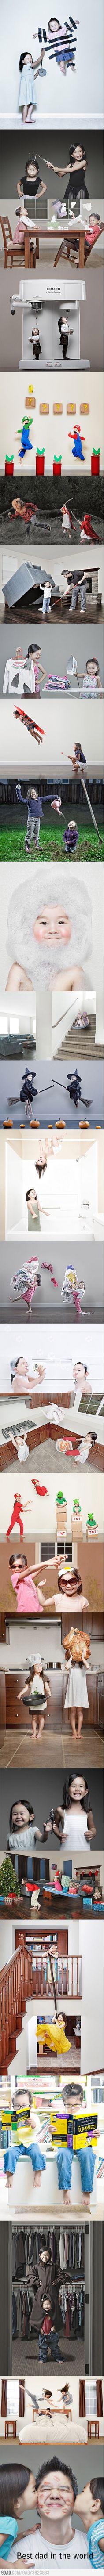 idée pour la fête des pères, le meilleur papa du monde, idée photos famille